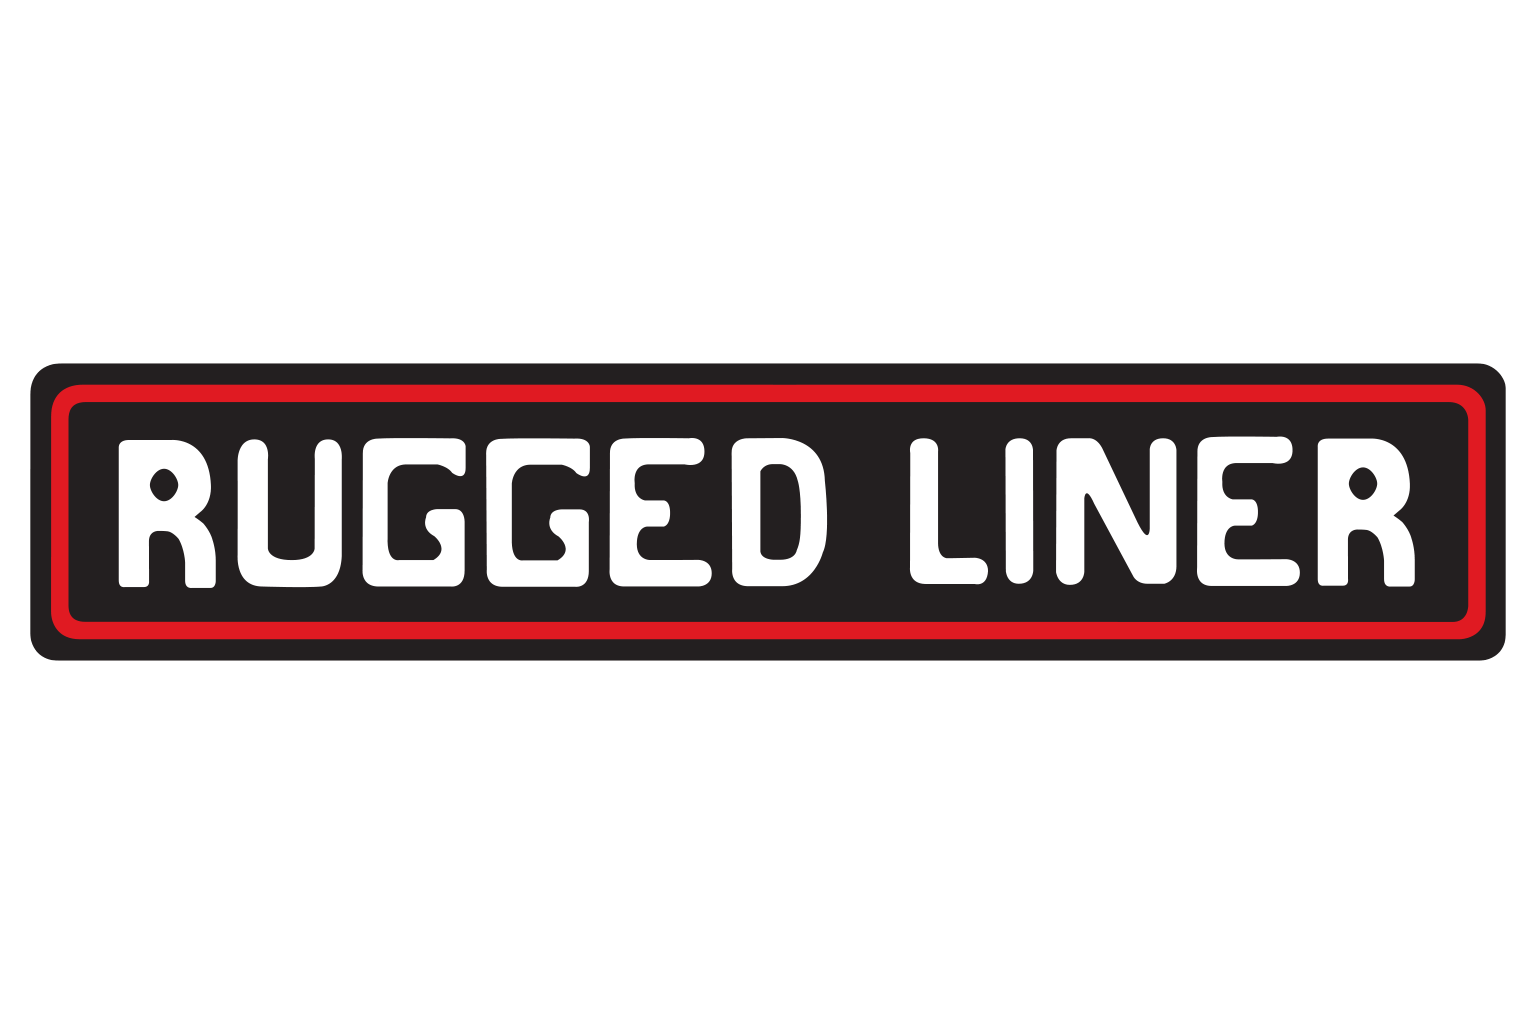 Rugged Liner C65OR99 Over-Rail Bedliner